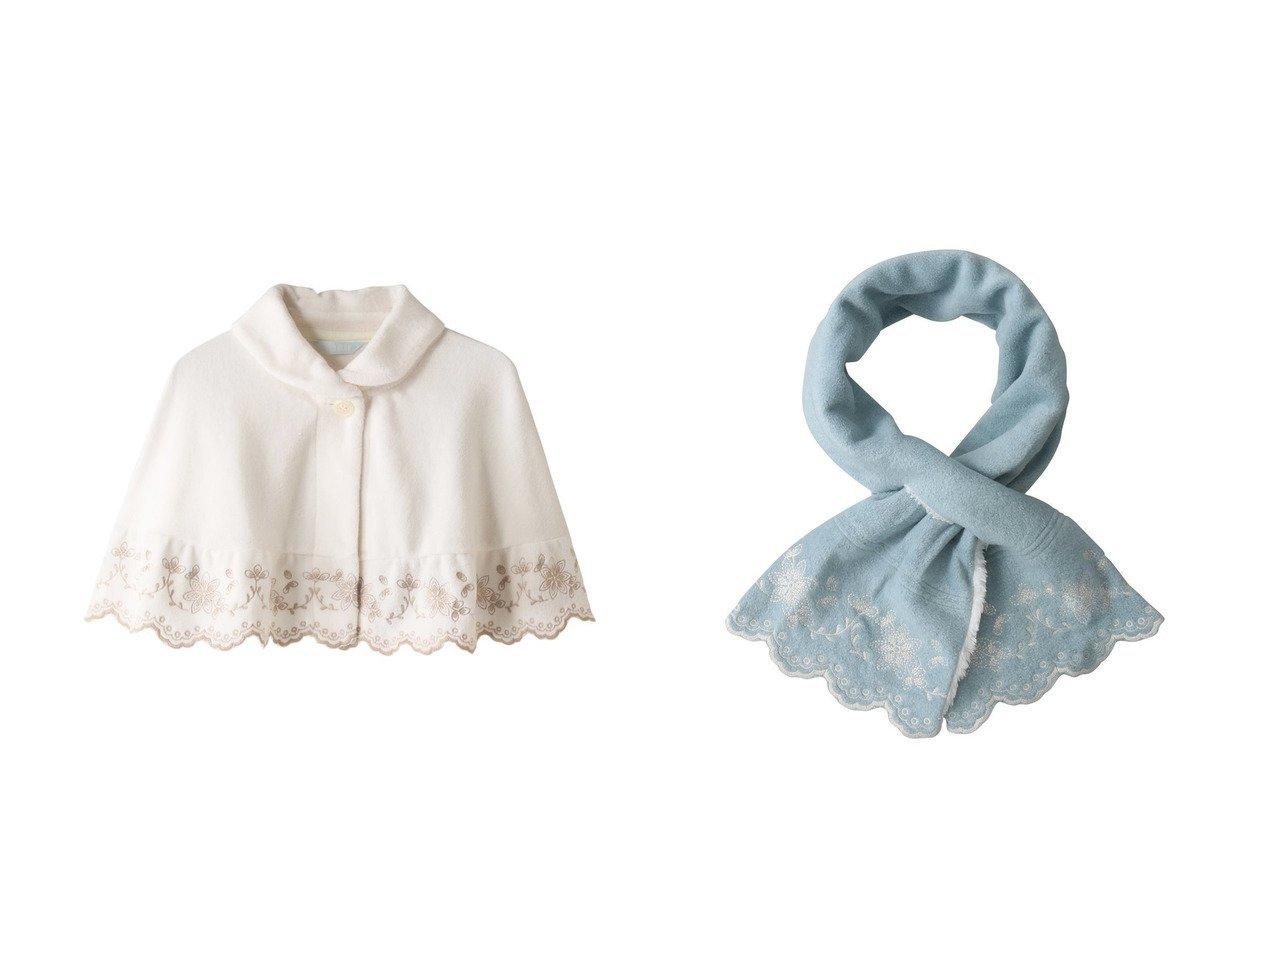 【KID BLUE/キッドブルー】の21フリースエンブショルダーウォーマ&21フリースエンブネックウォーマー 【ルームウェア・パジャマ】おすすめ!人気、トレンド・レディースファッションの通販 おすすめで人気の流行・トレンド、ファッションの通販商品 インテリア・家具・メンズファッション・キッズファッション・レディースファッション・服の通販 founy(ファニー) https://founy.com/ ファッション Fashion レディースファッション WOMEN レッグウェア Legwear ストール Scarves マフラー Mufflers A/W・秋冬 AW・Autumn/Winter・FW・Fall-Winter フラワー 防寒 ストール パジャマ ポンチョ マフラー |ID:crp329100000071781